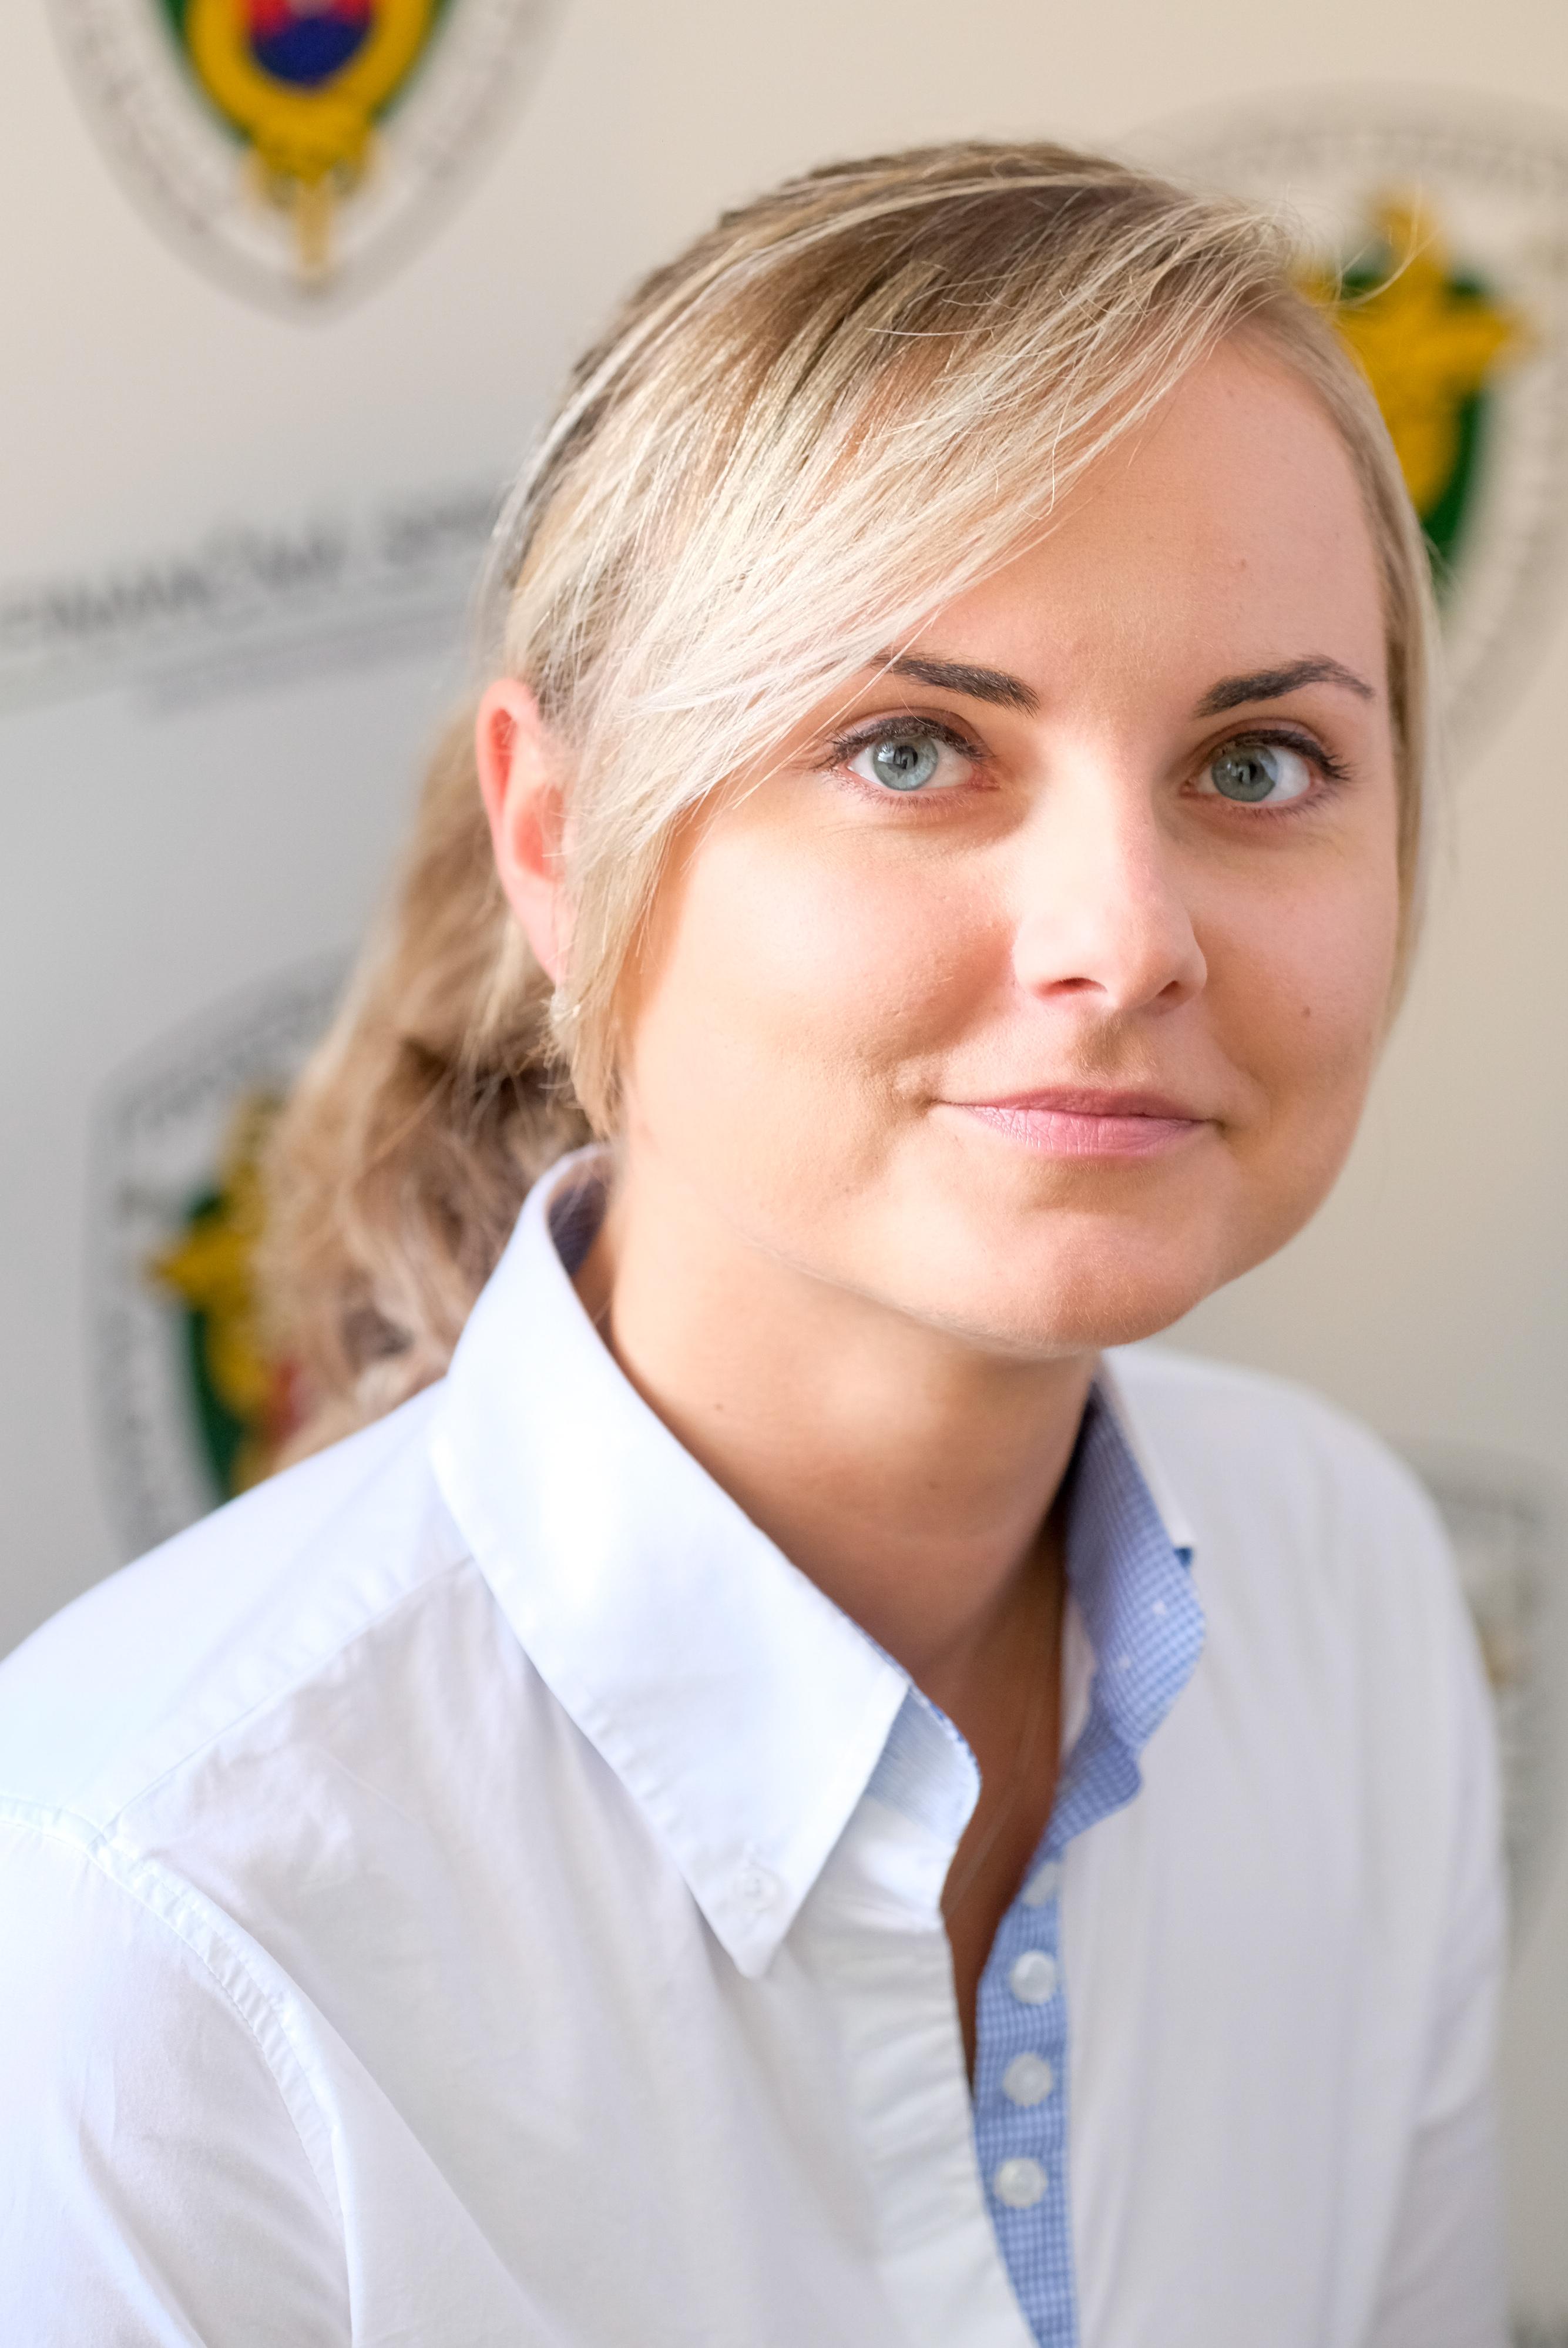 e28cb5717 Hovorkyňa Finančného riaditeľstva SR, Ivana Skokanová